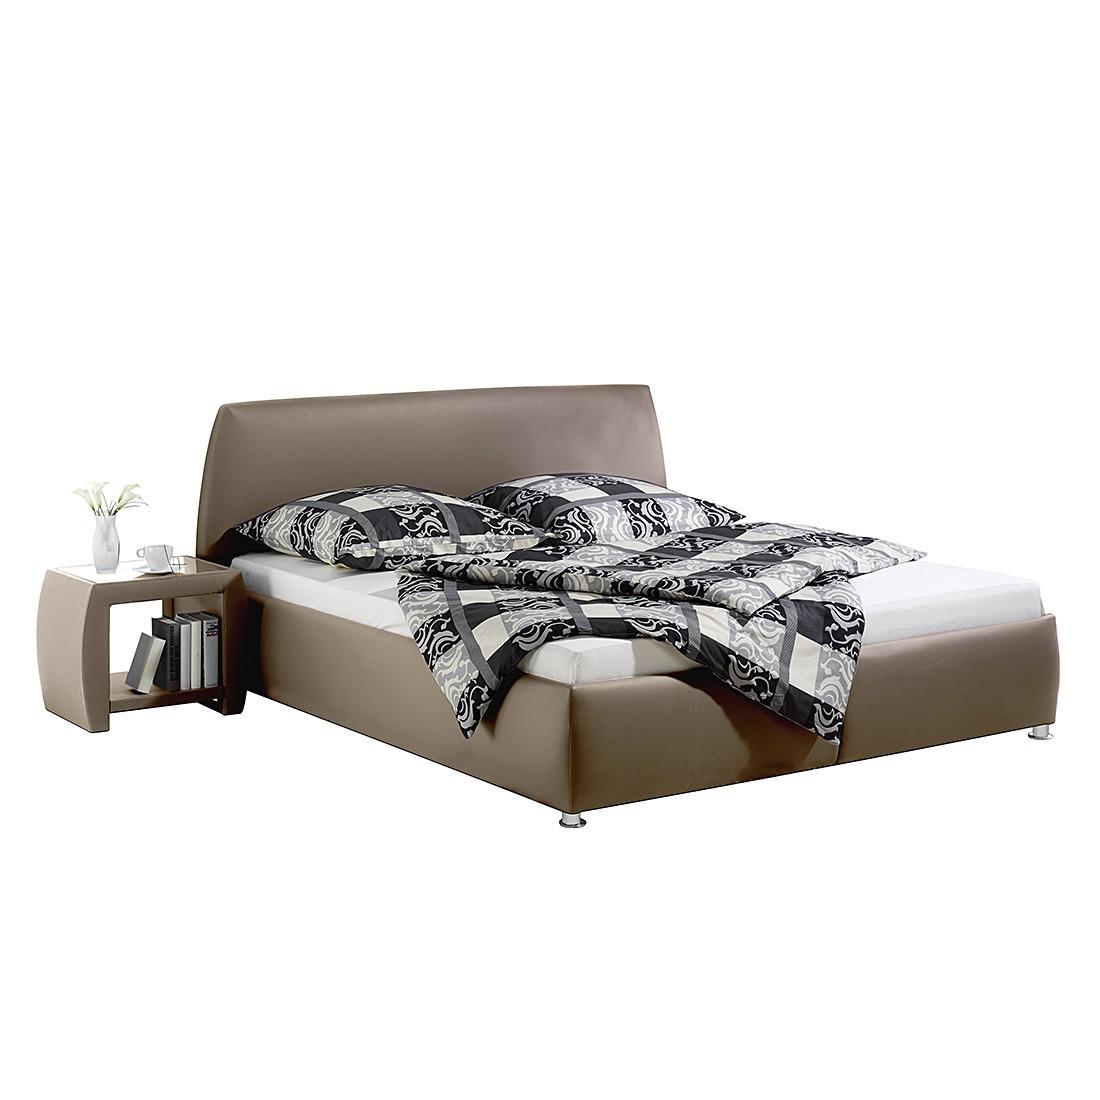 lattenrost 180 x 200 preisvergleich die besten angebote. Black Bedroom Furniture Sets. Home Design Ideas